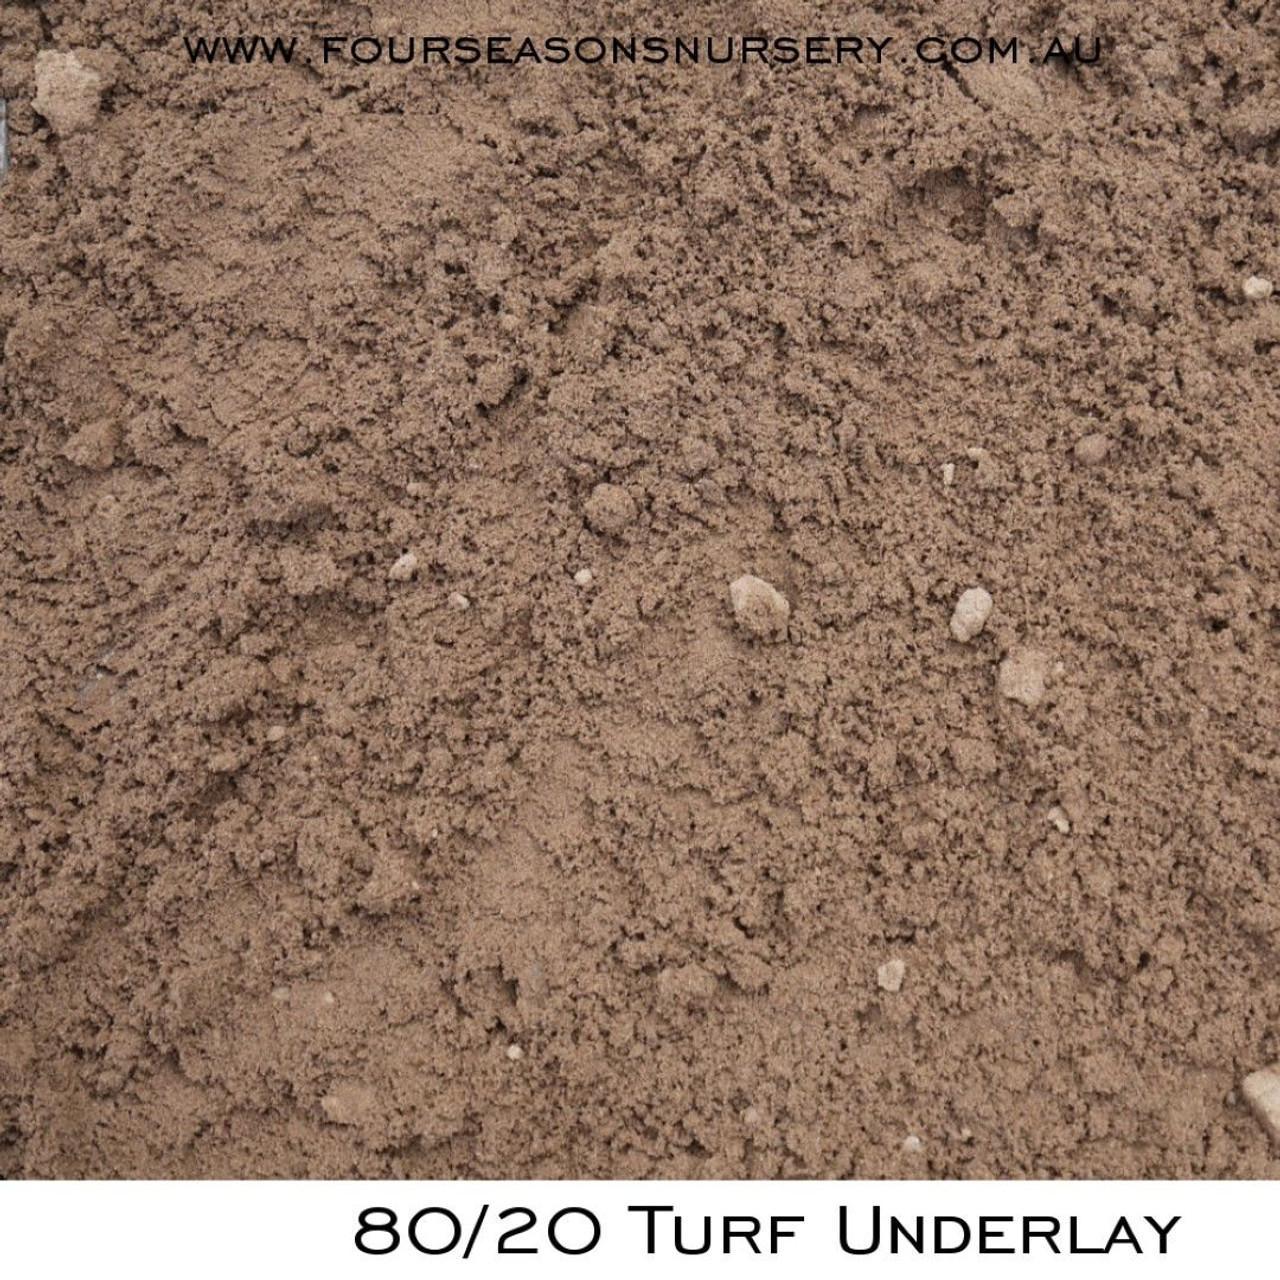 80/20 Turf Underlay